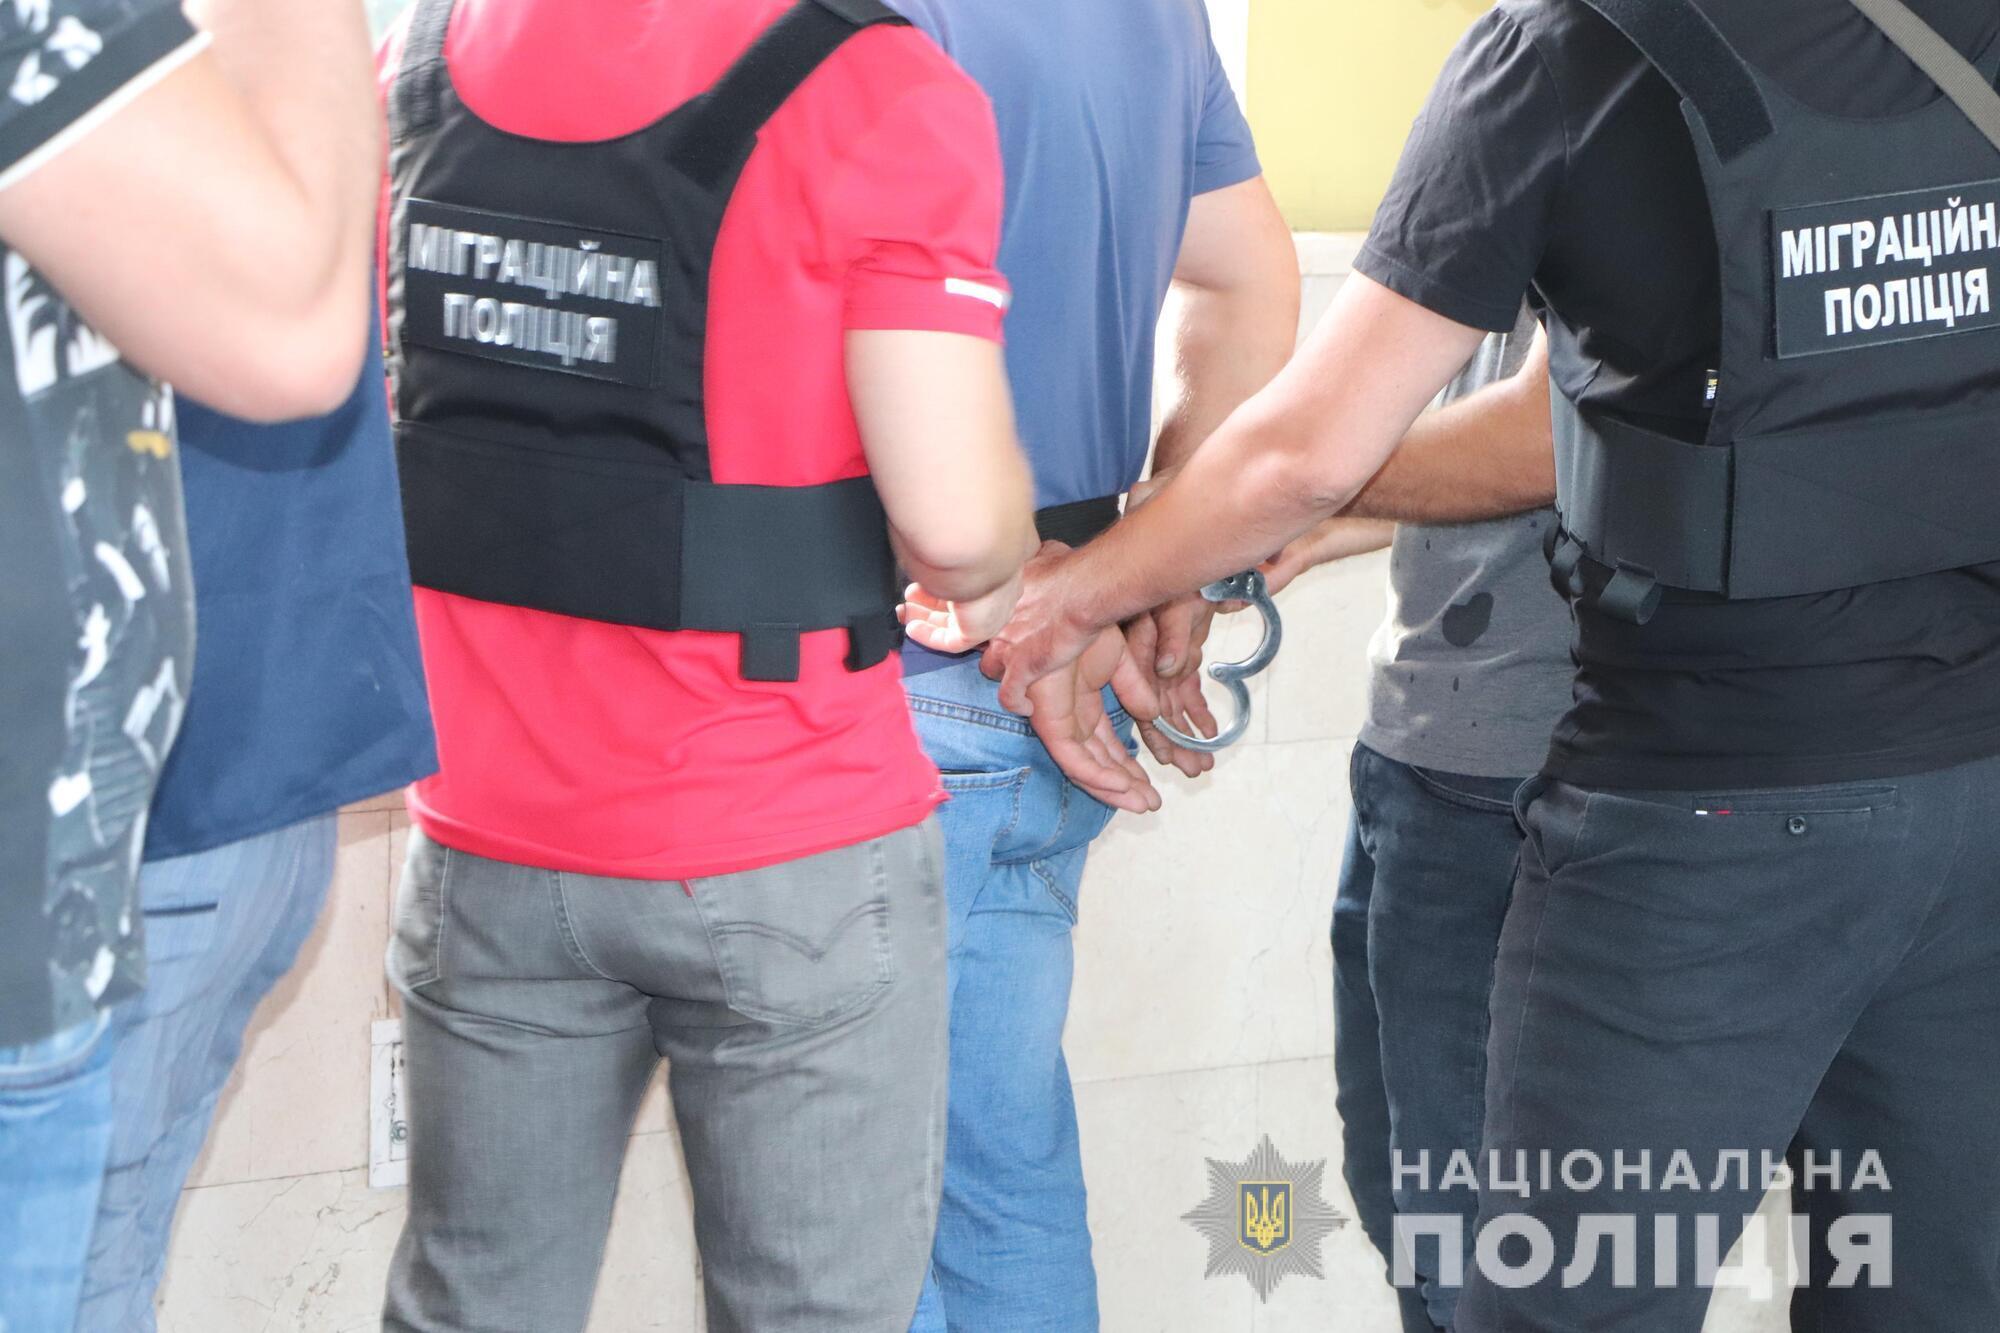 """Іноземцю повідомлено про підозру за статтею """"торгівля людьми"""" ККУ"""